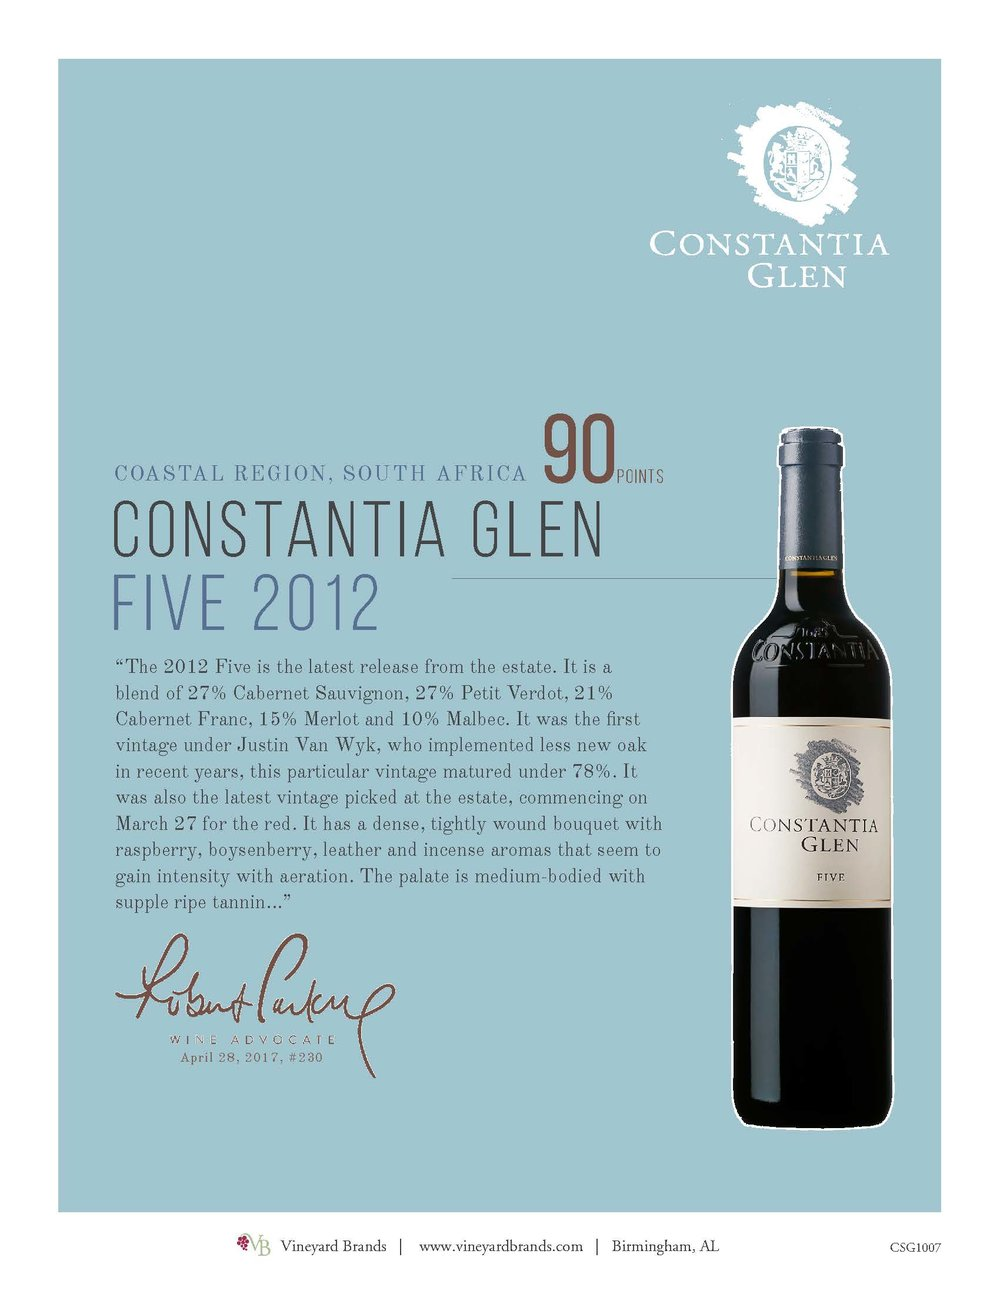 ConstantiaGlenFive2012.jpg